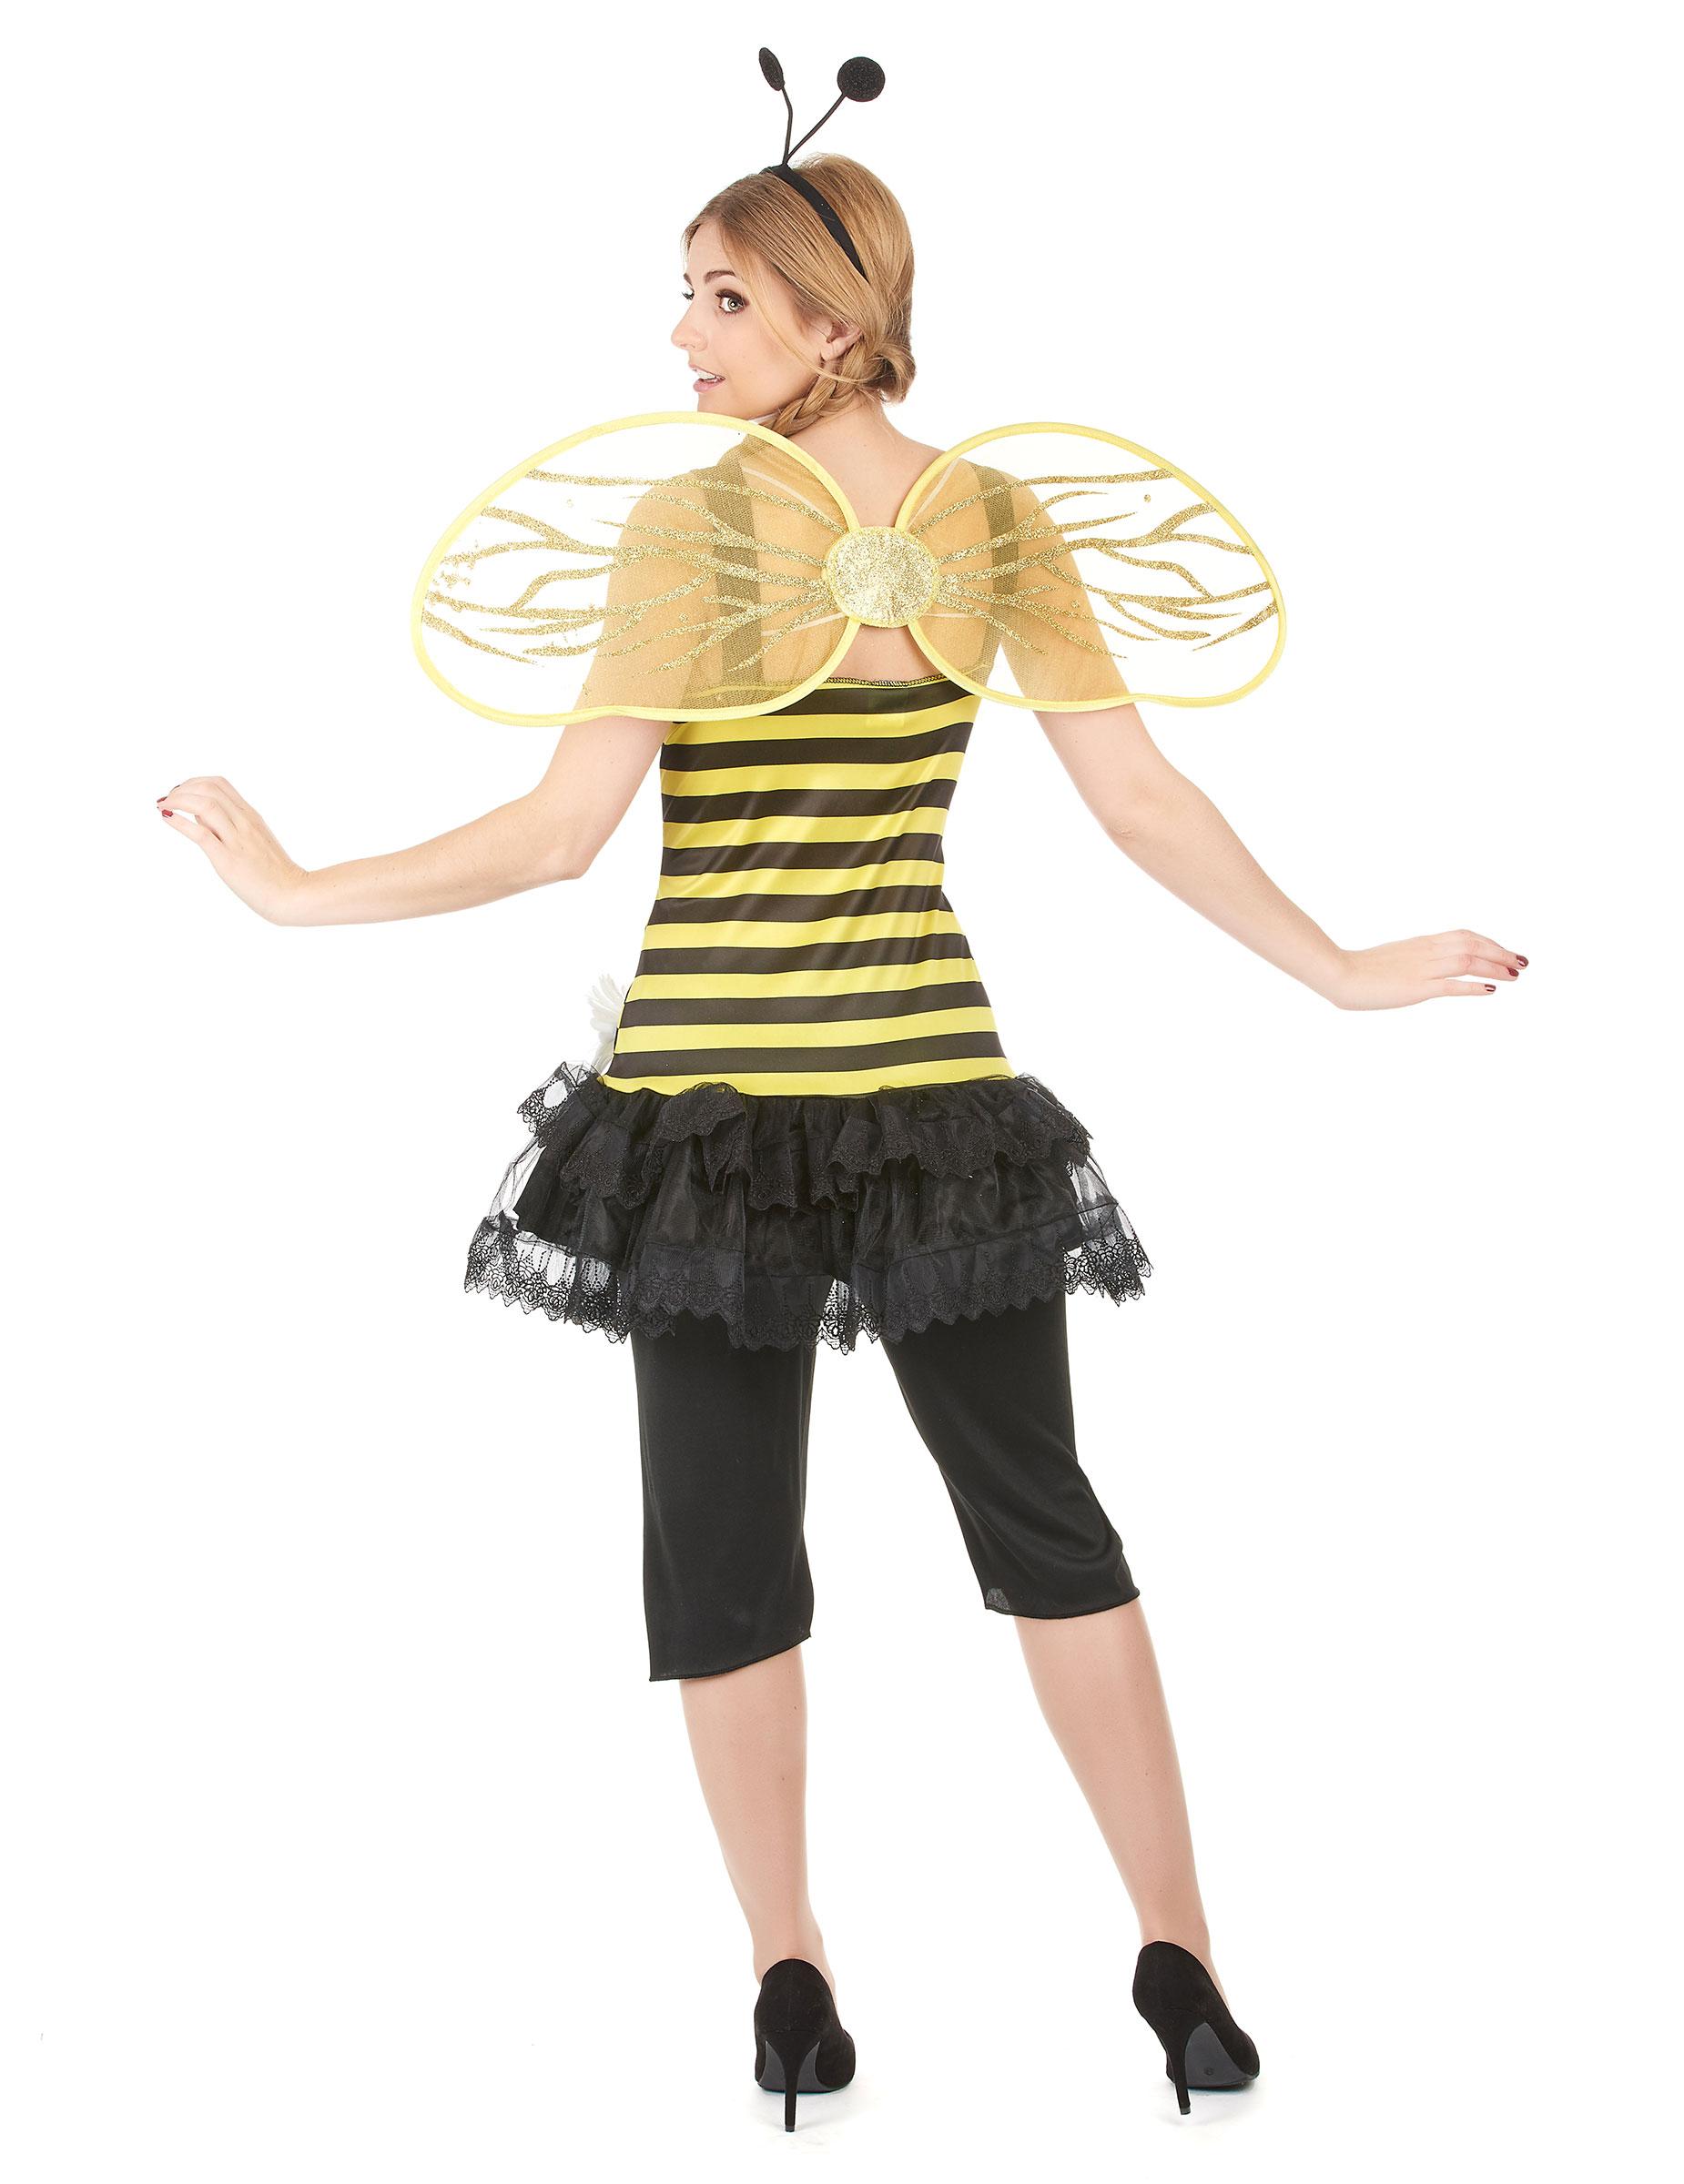 d guisement abeille femme deguise toi achat de. Black Bedroom Furniture Sets. Home Design Ideas